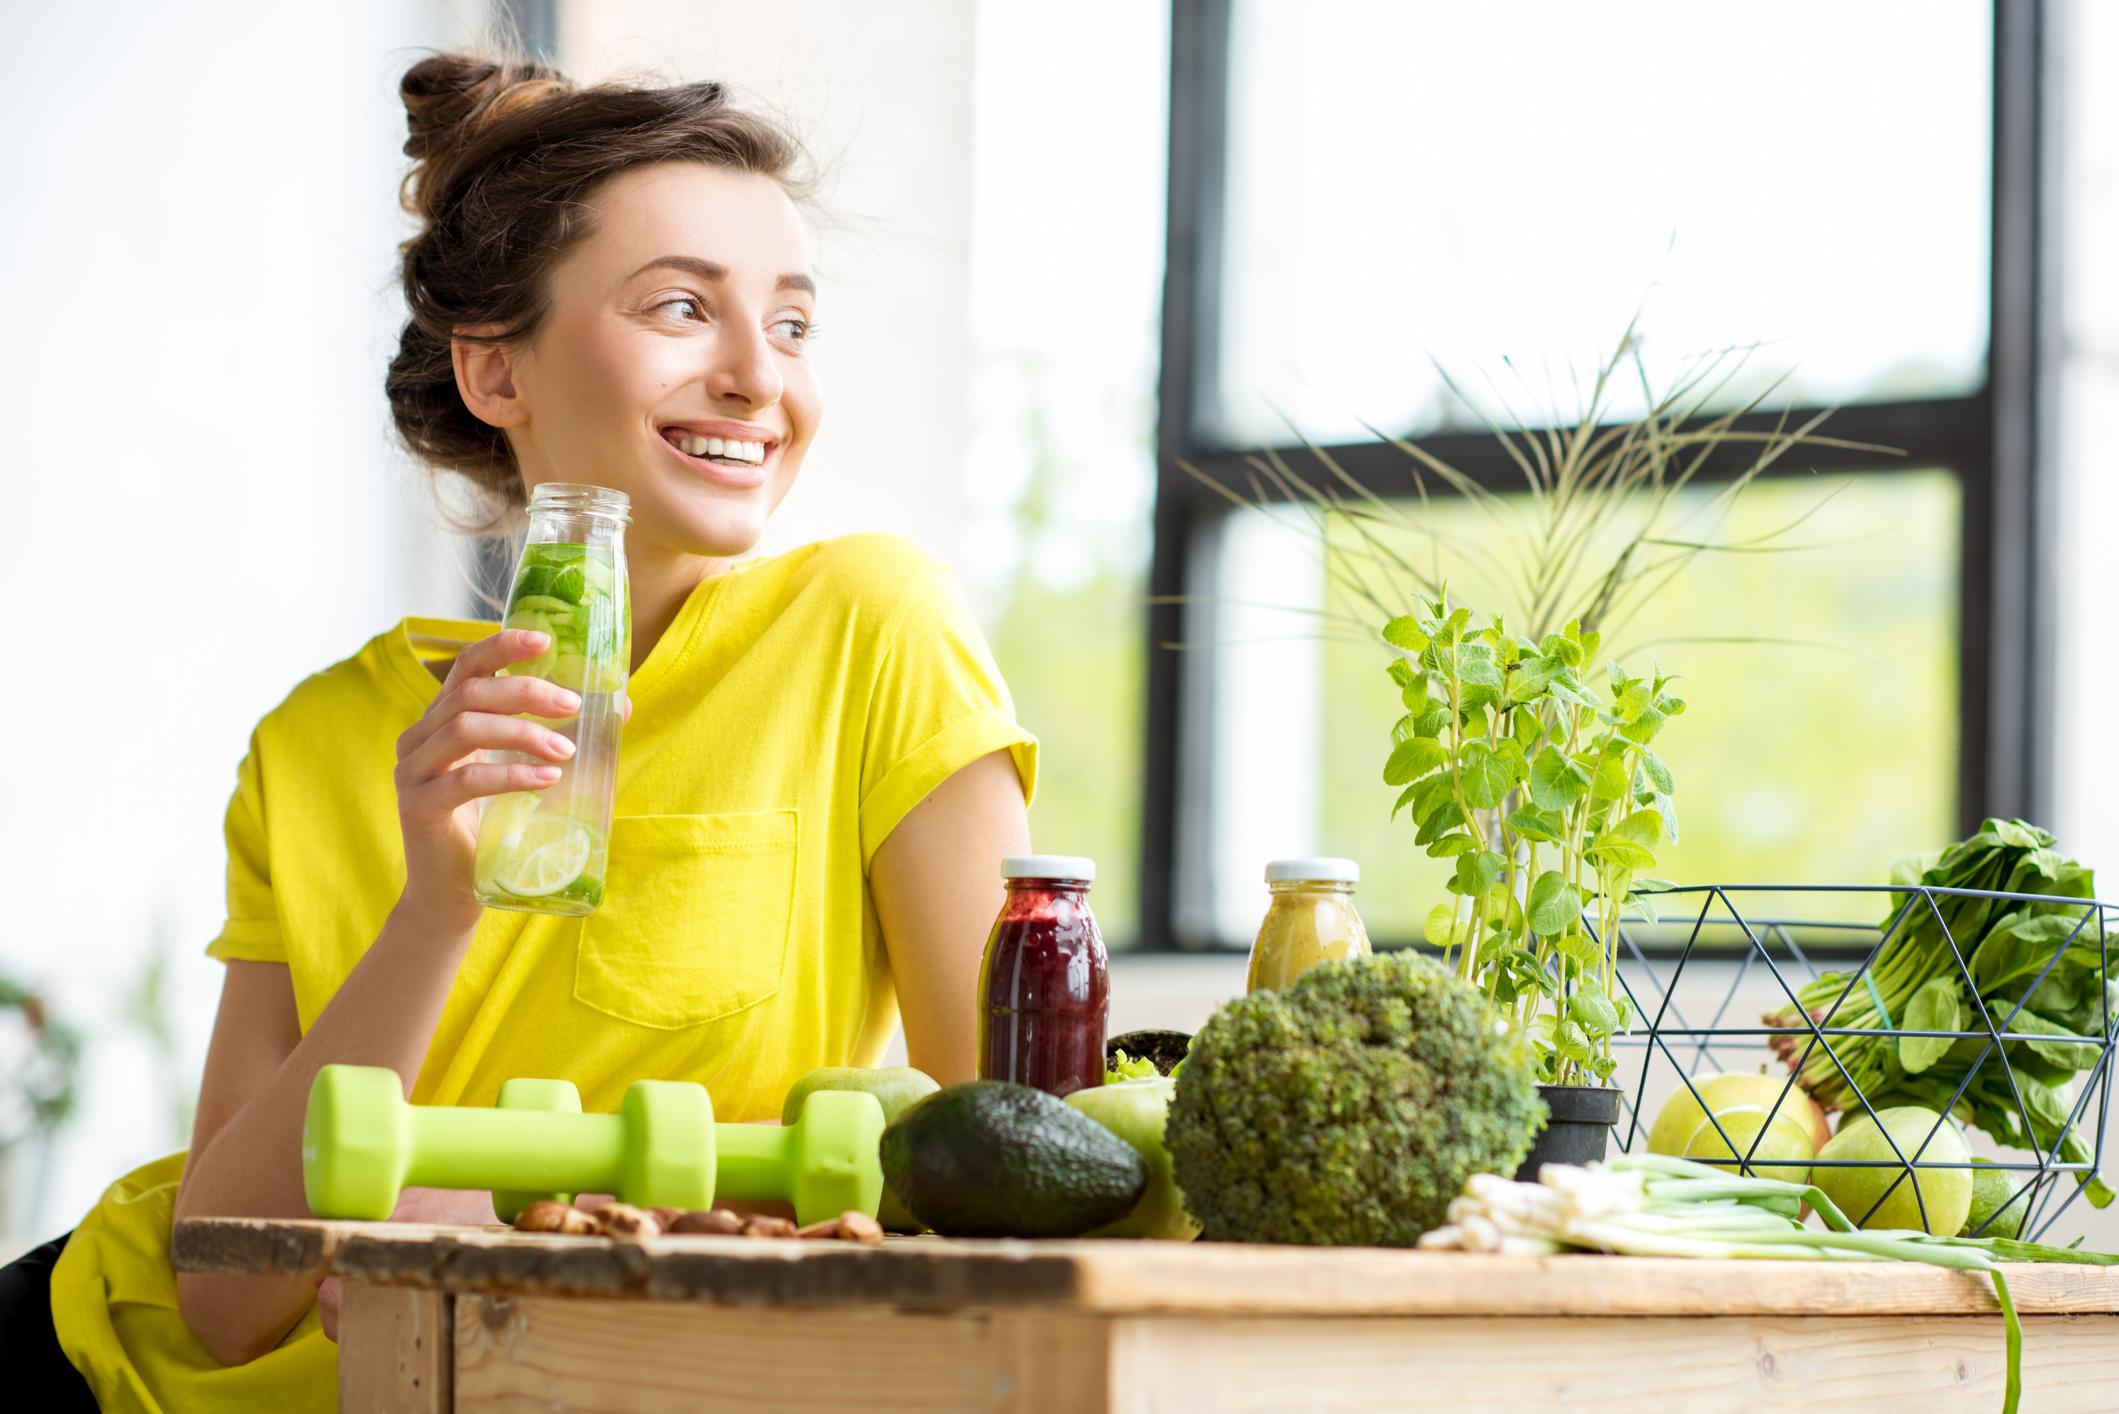 O ideal é montar um cardápio de alimentos mais leves e frescos para que comer bem e se sentir melhor ainda com uma alimentação saudável.